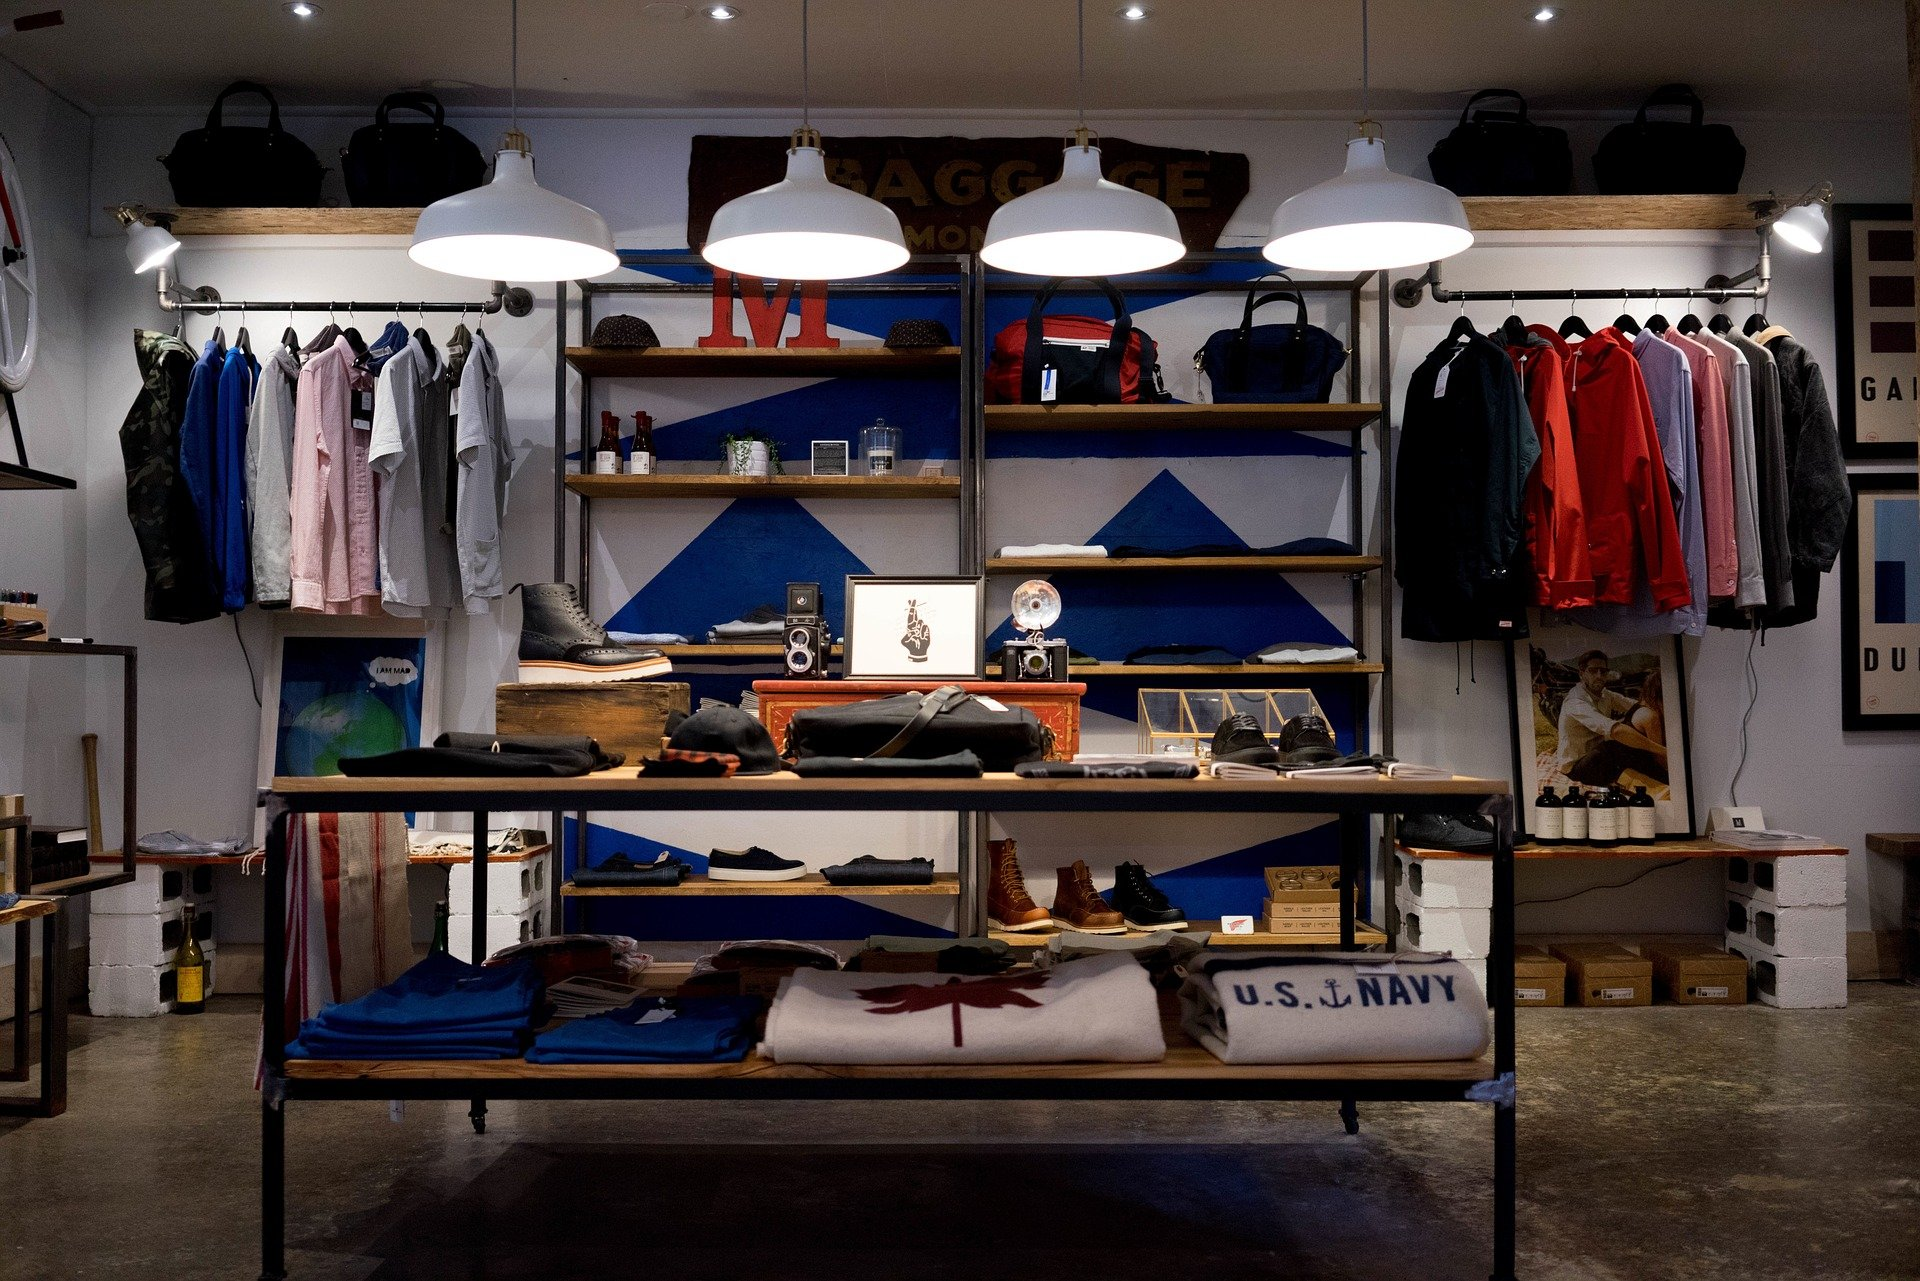 Vemos uma loja de roupas com prateleiras e peças em cabides (imagem ilustrativa).